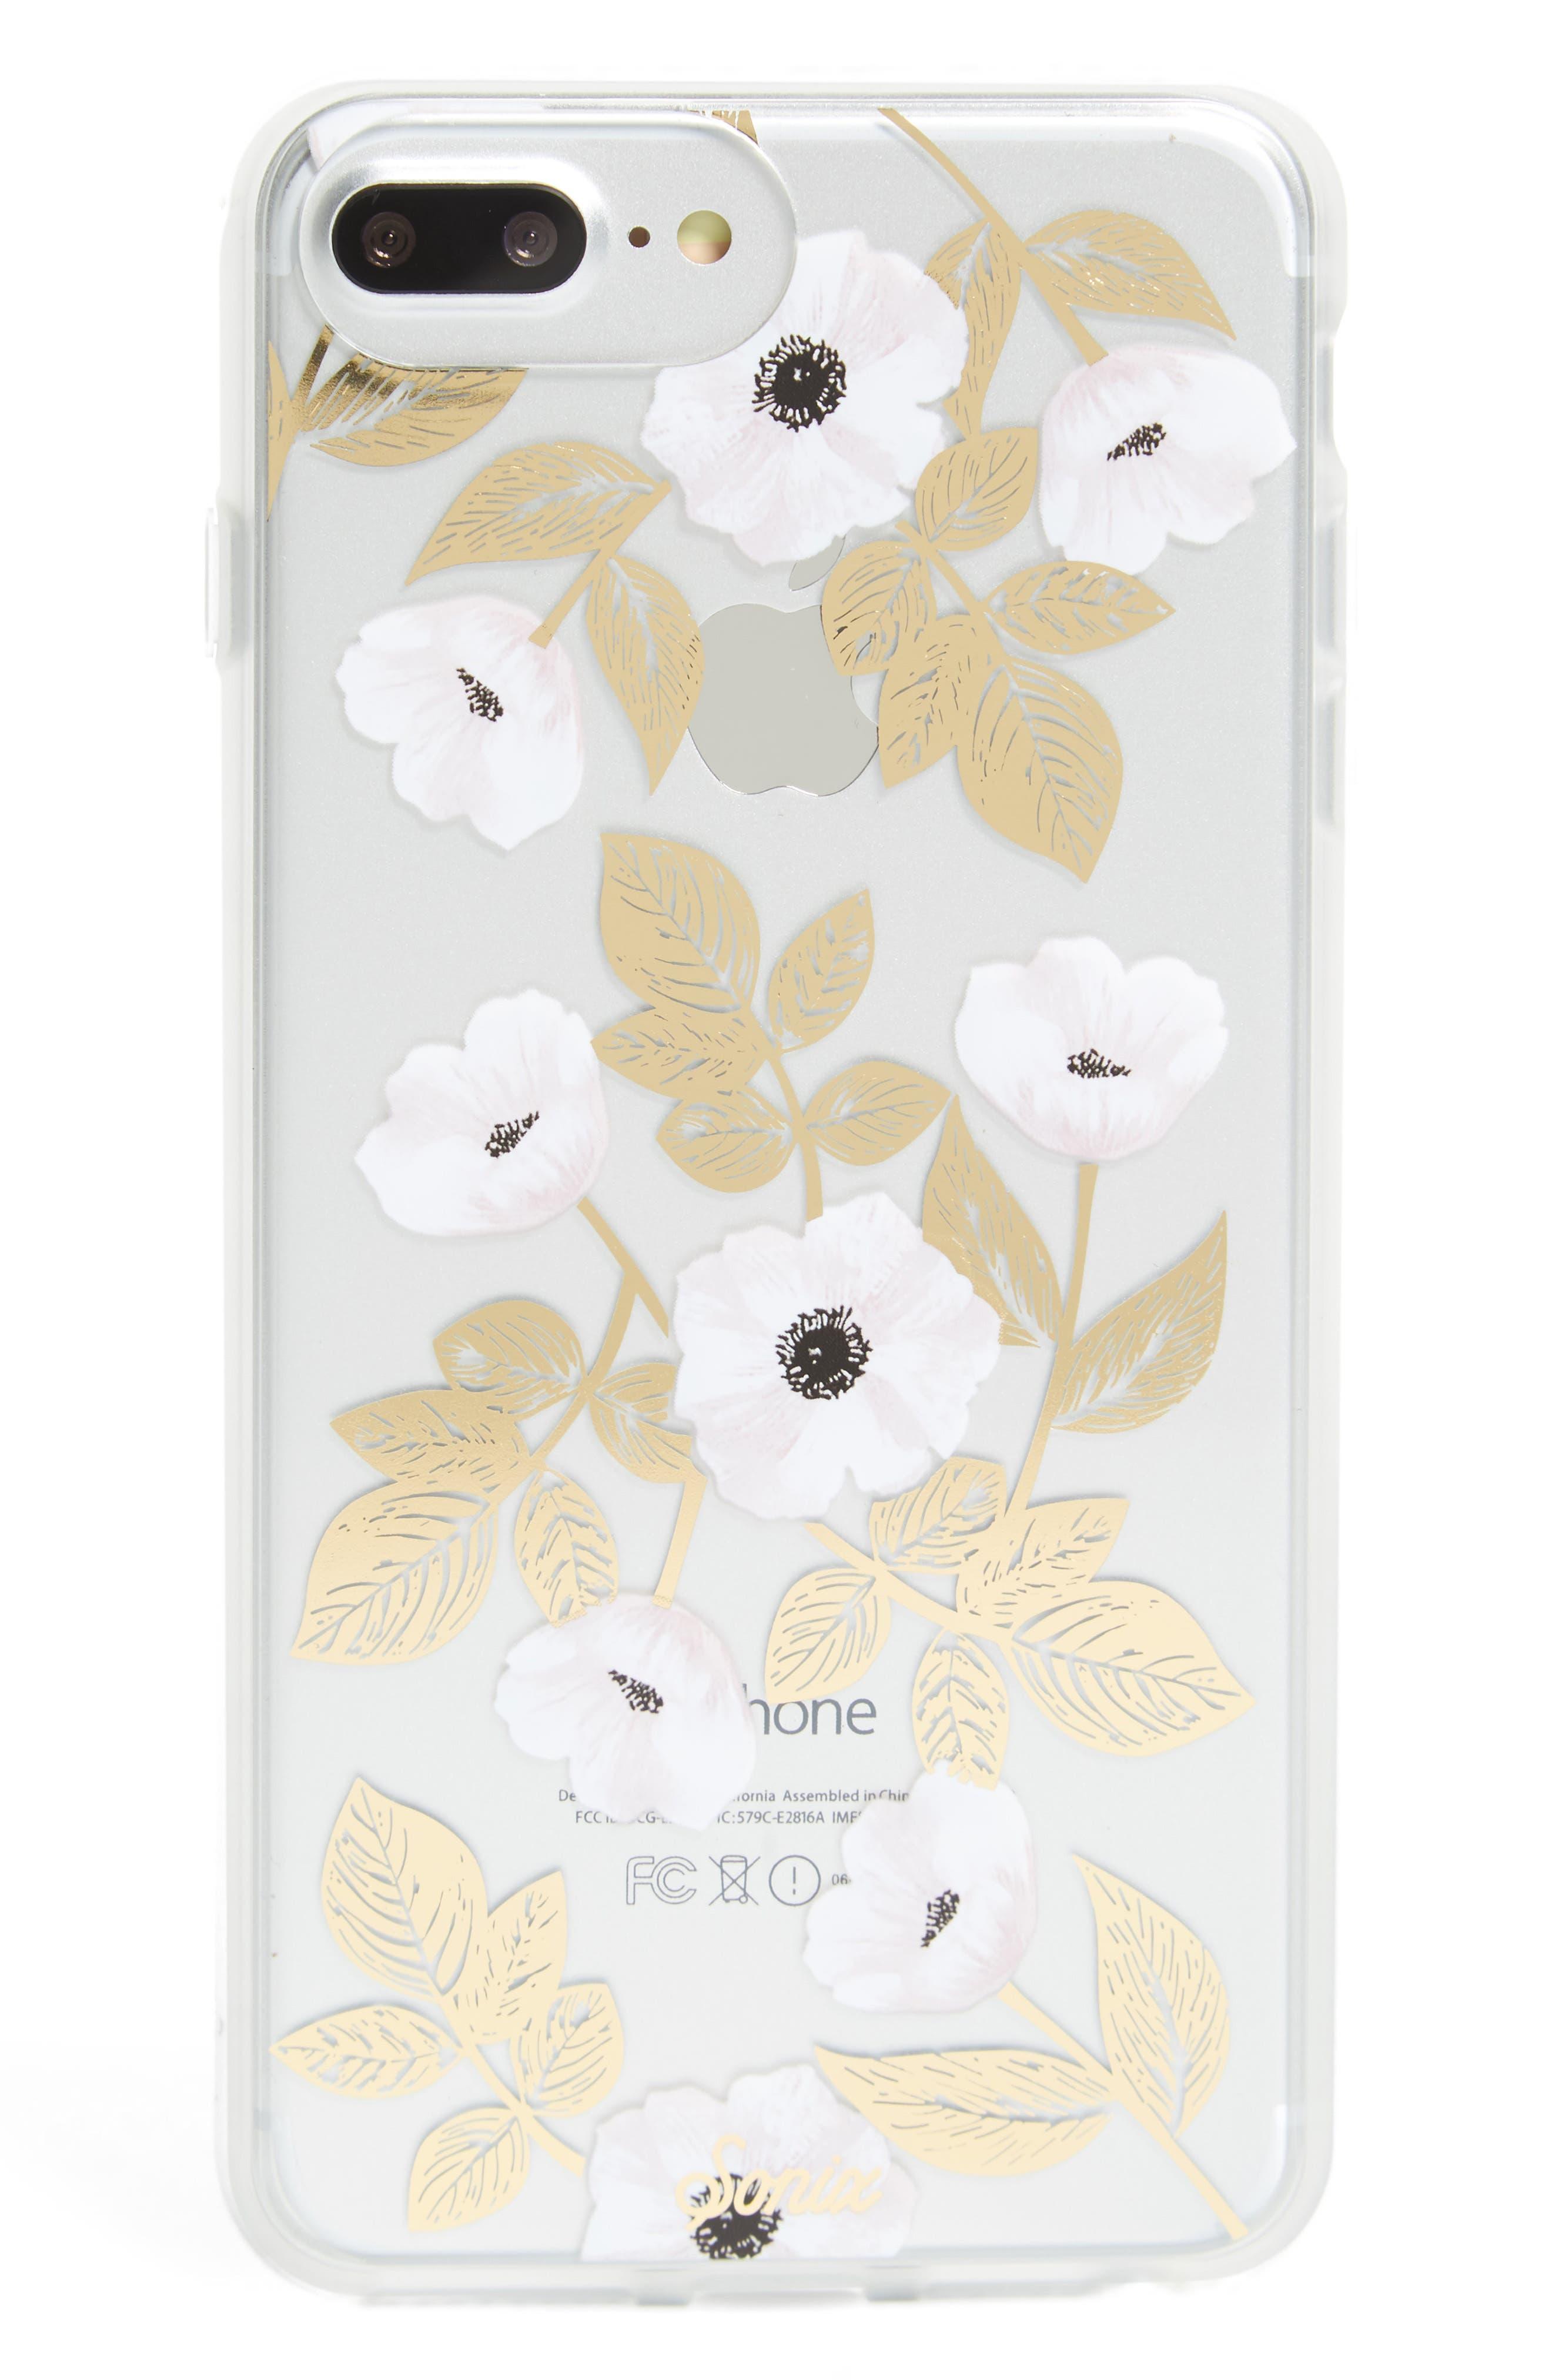 SONIX Harper iPhone 6/7 & 6/7 Plus Case